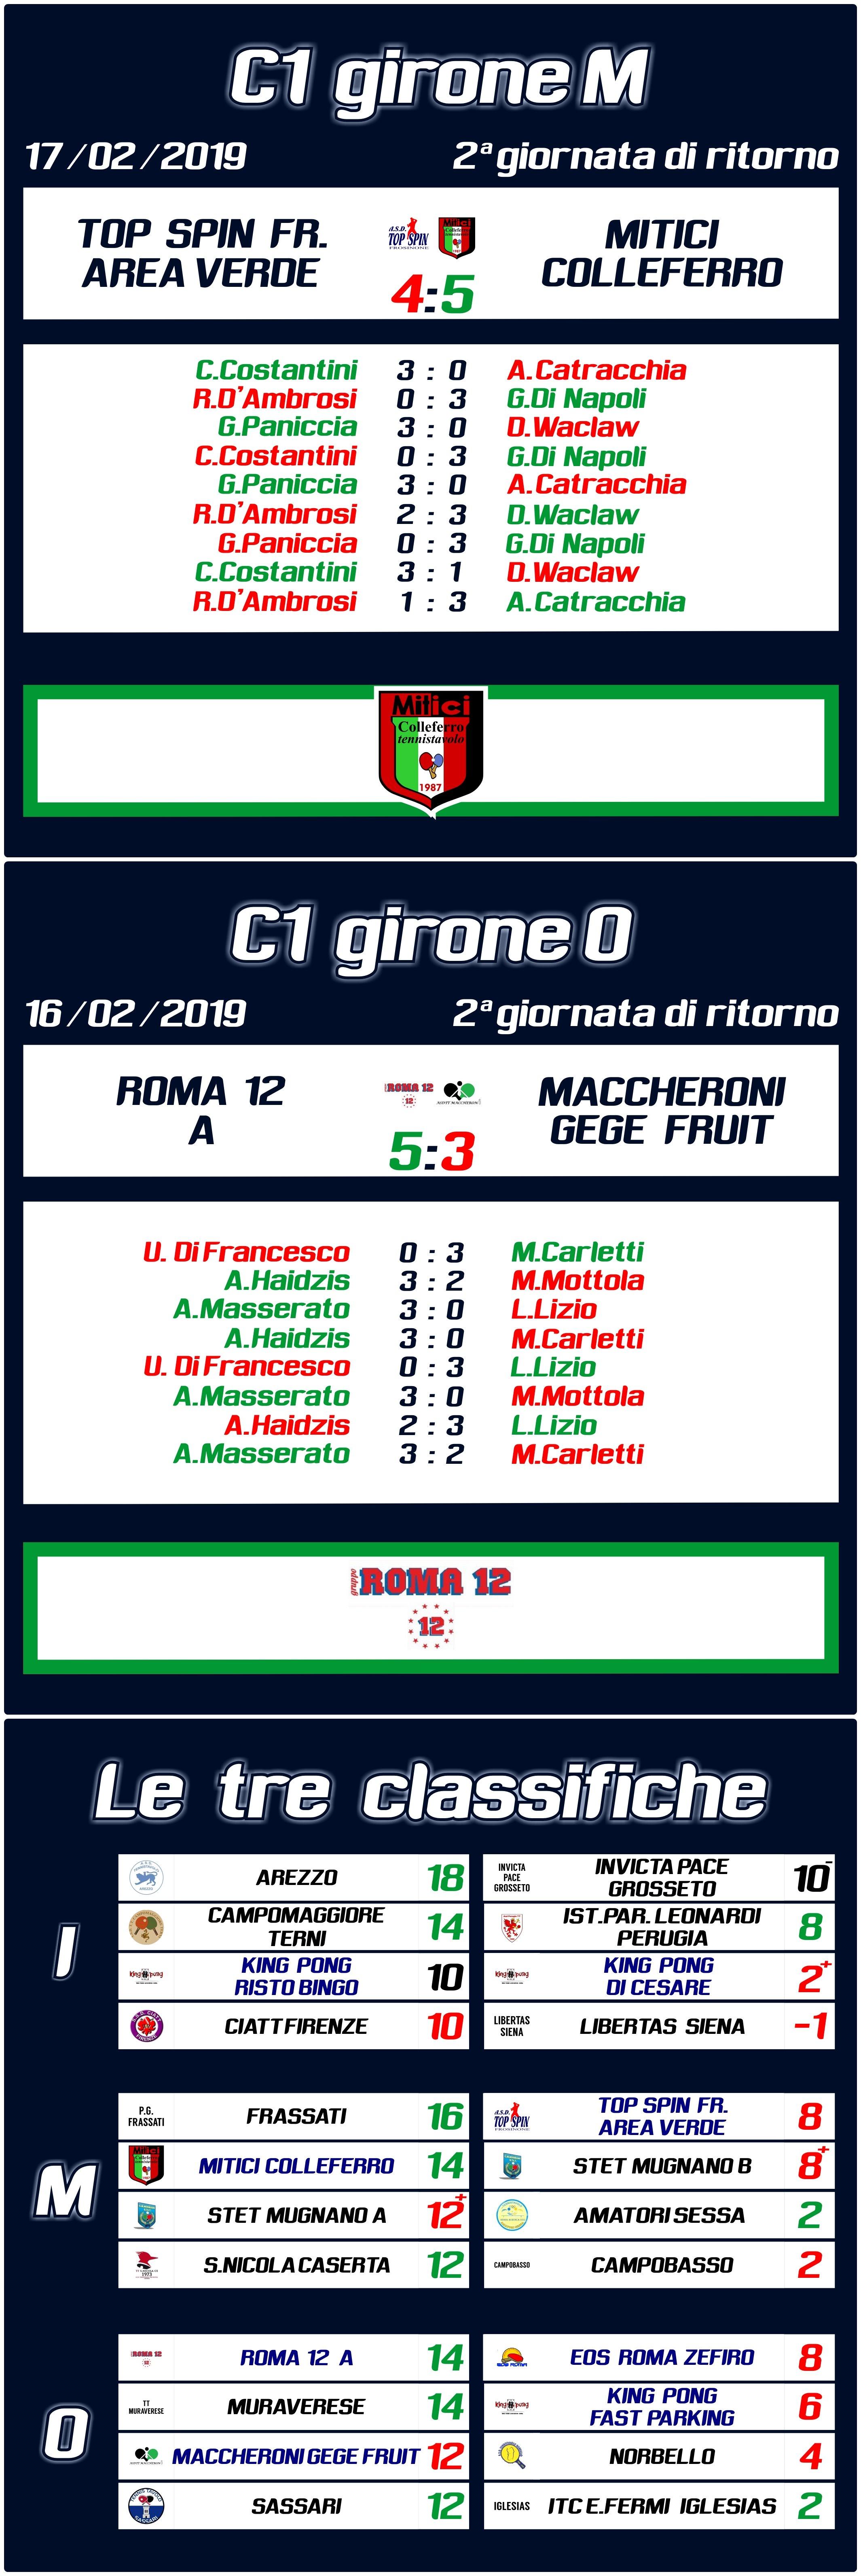 C1 2ritorno Mitici Roma12